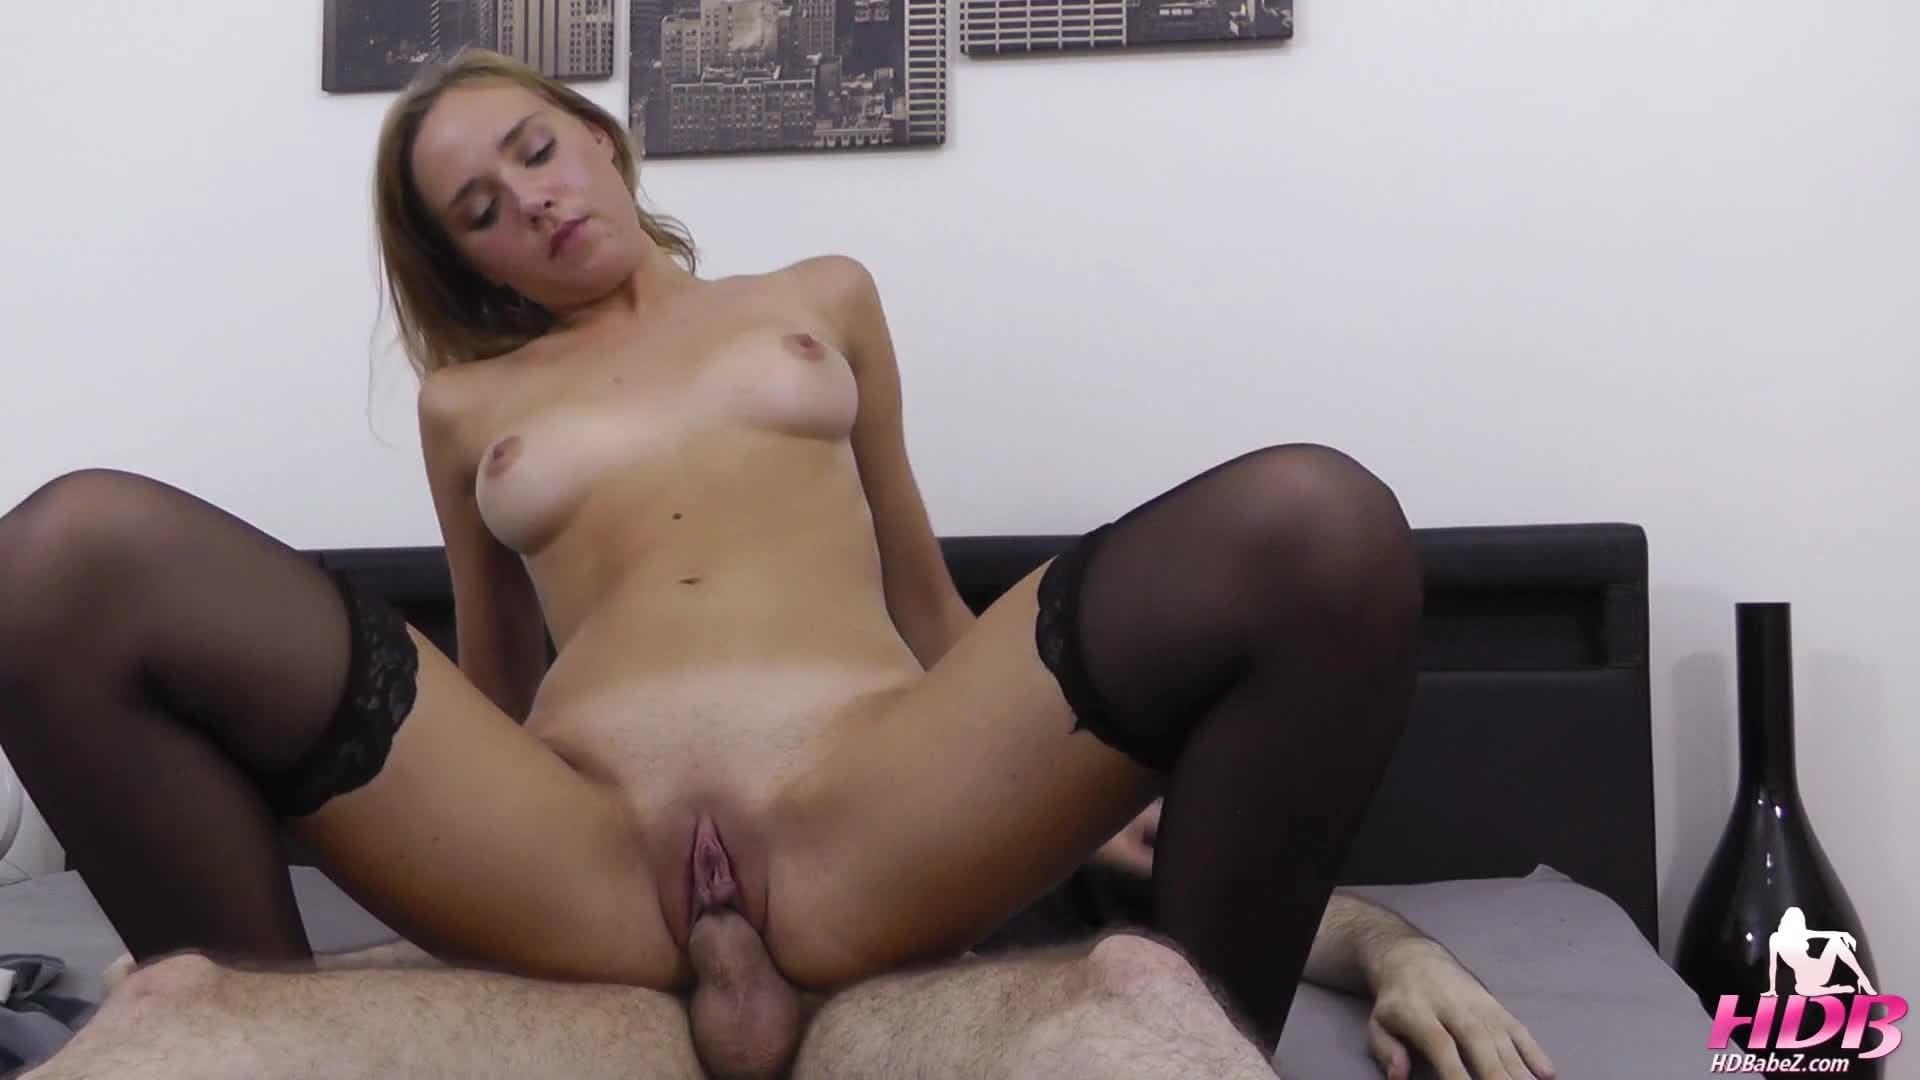 Une jeune avec une poitrine de qualité